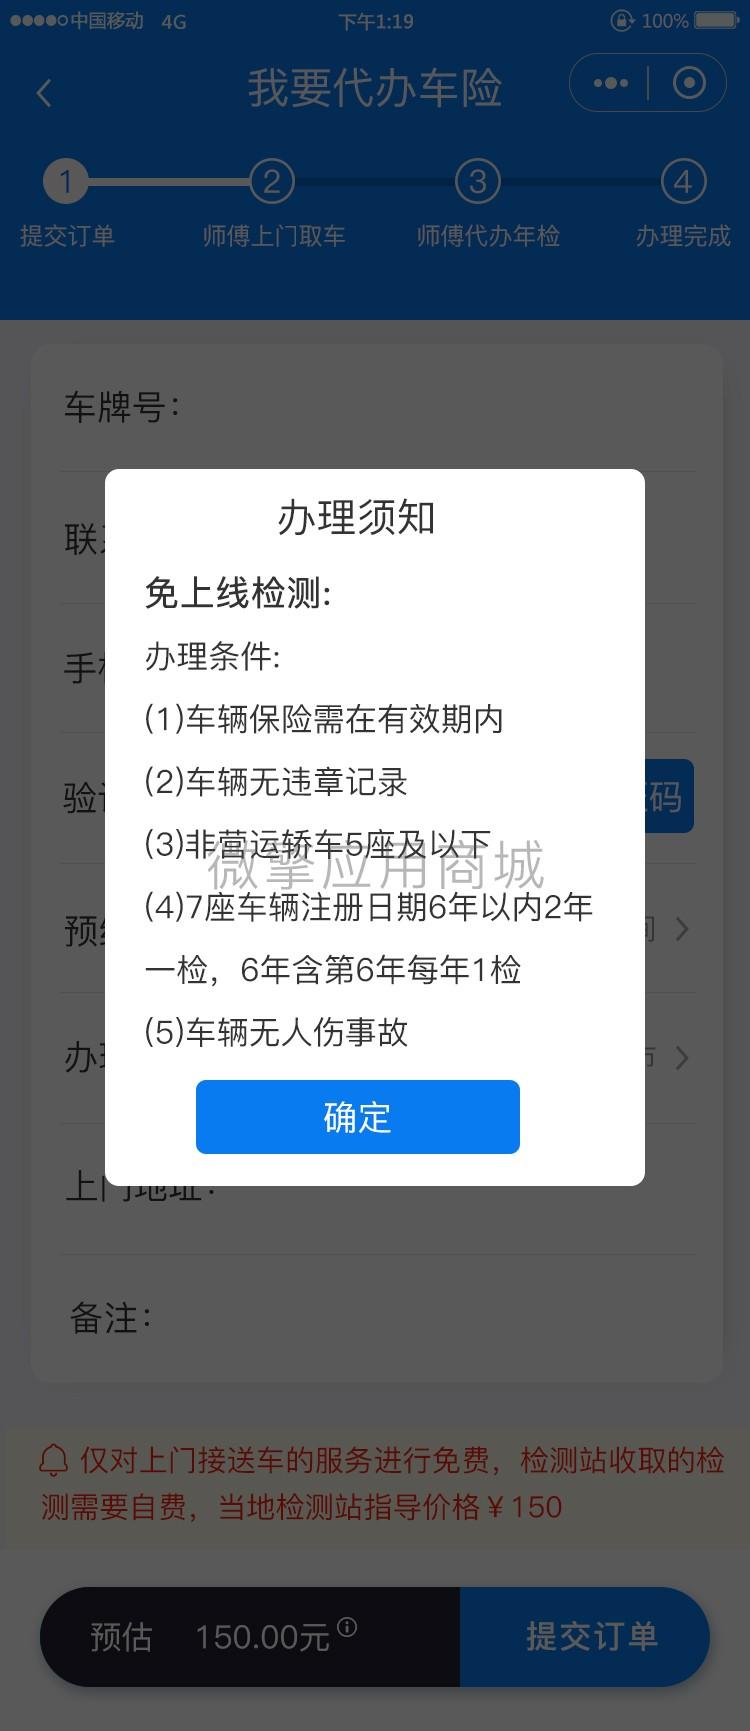 01-01用户端开始1.jpg